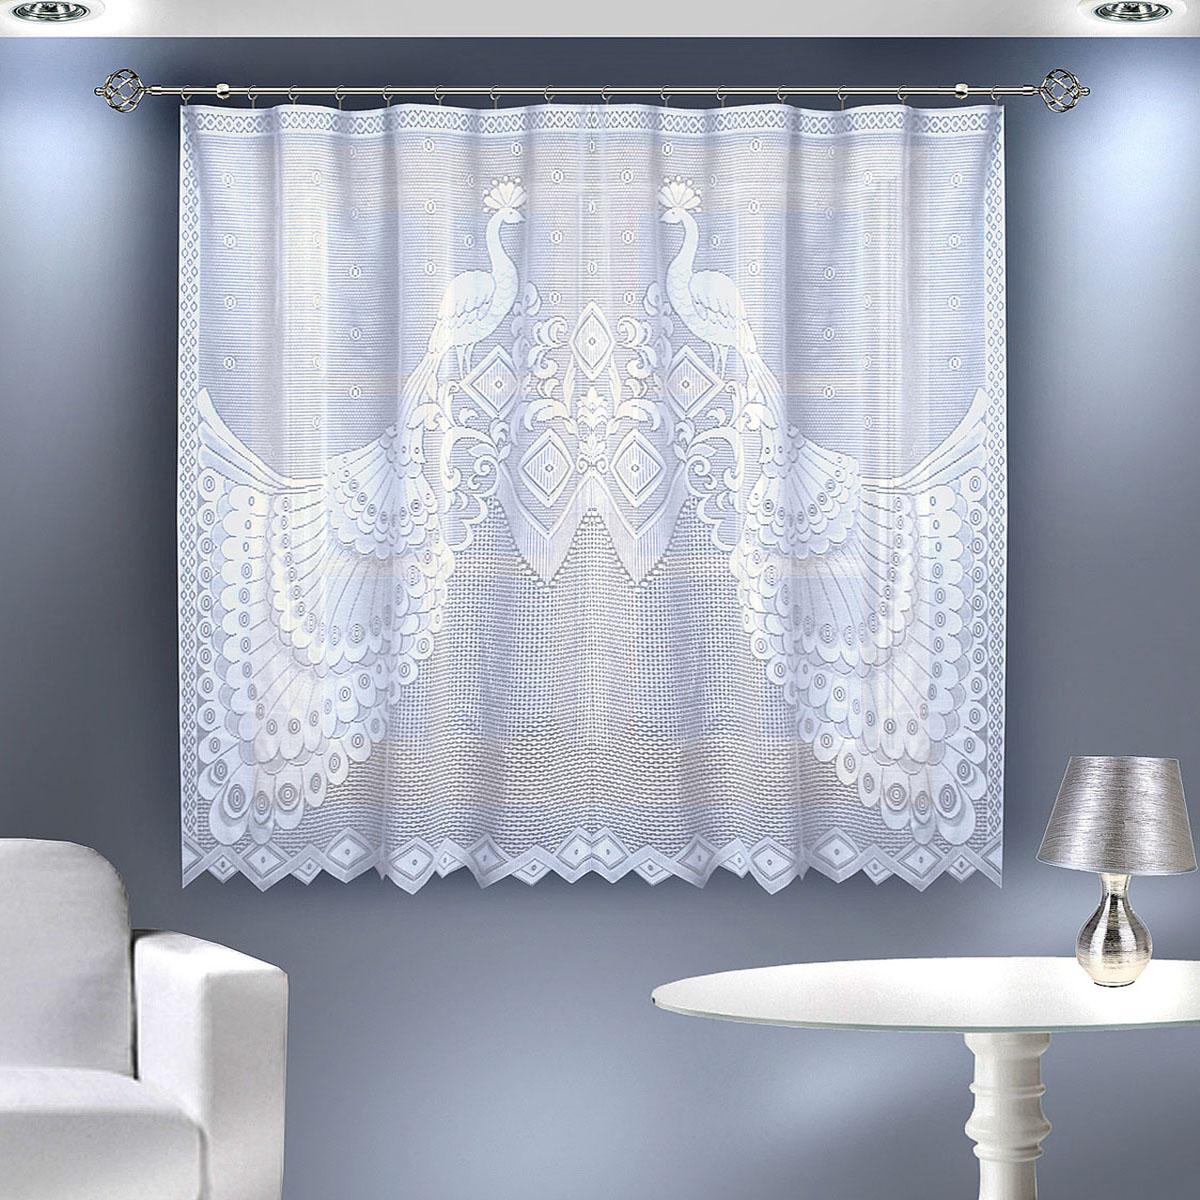 Гардина Zlata Korunka, цвет: белый, ширина 200 см, высота 145 см88805 белыйГардина из тюле-кружевного полотна, крепление через прорези,сделанные в верхней части или на зажим для штор. Размеры: 200*145